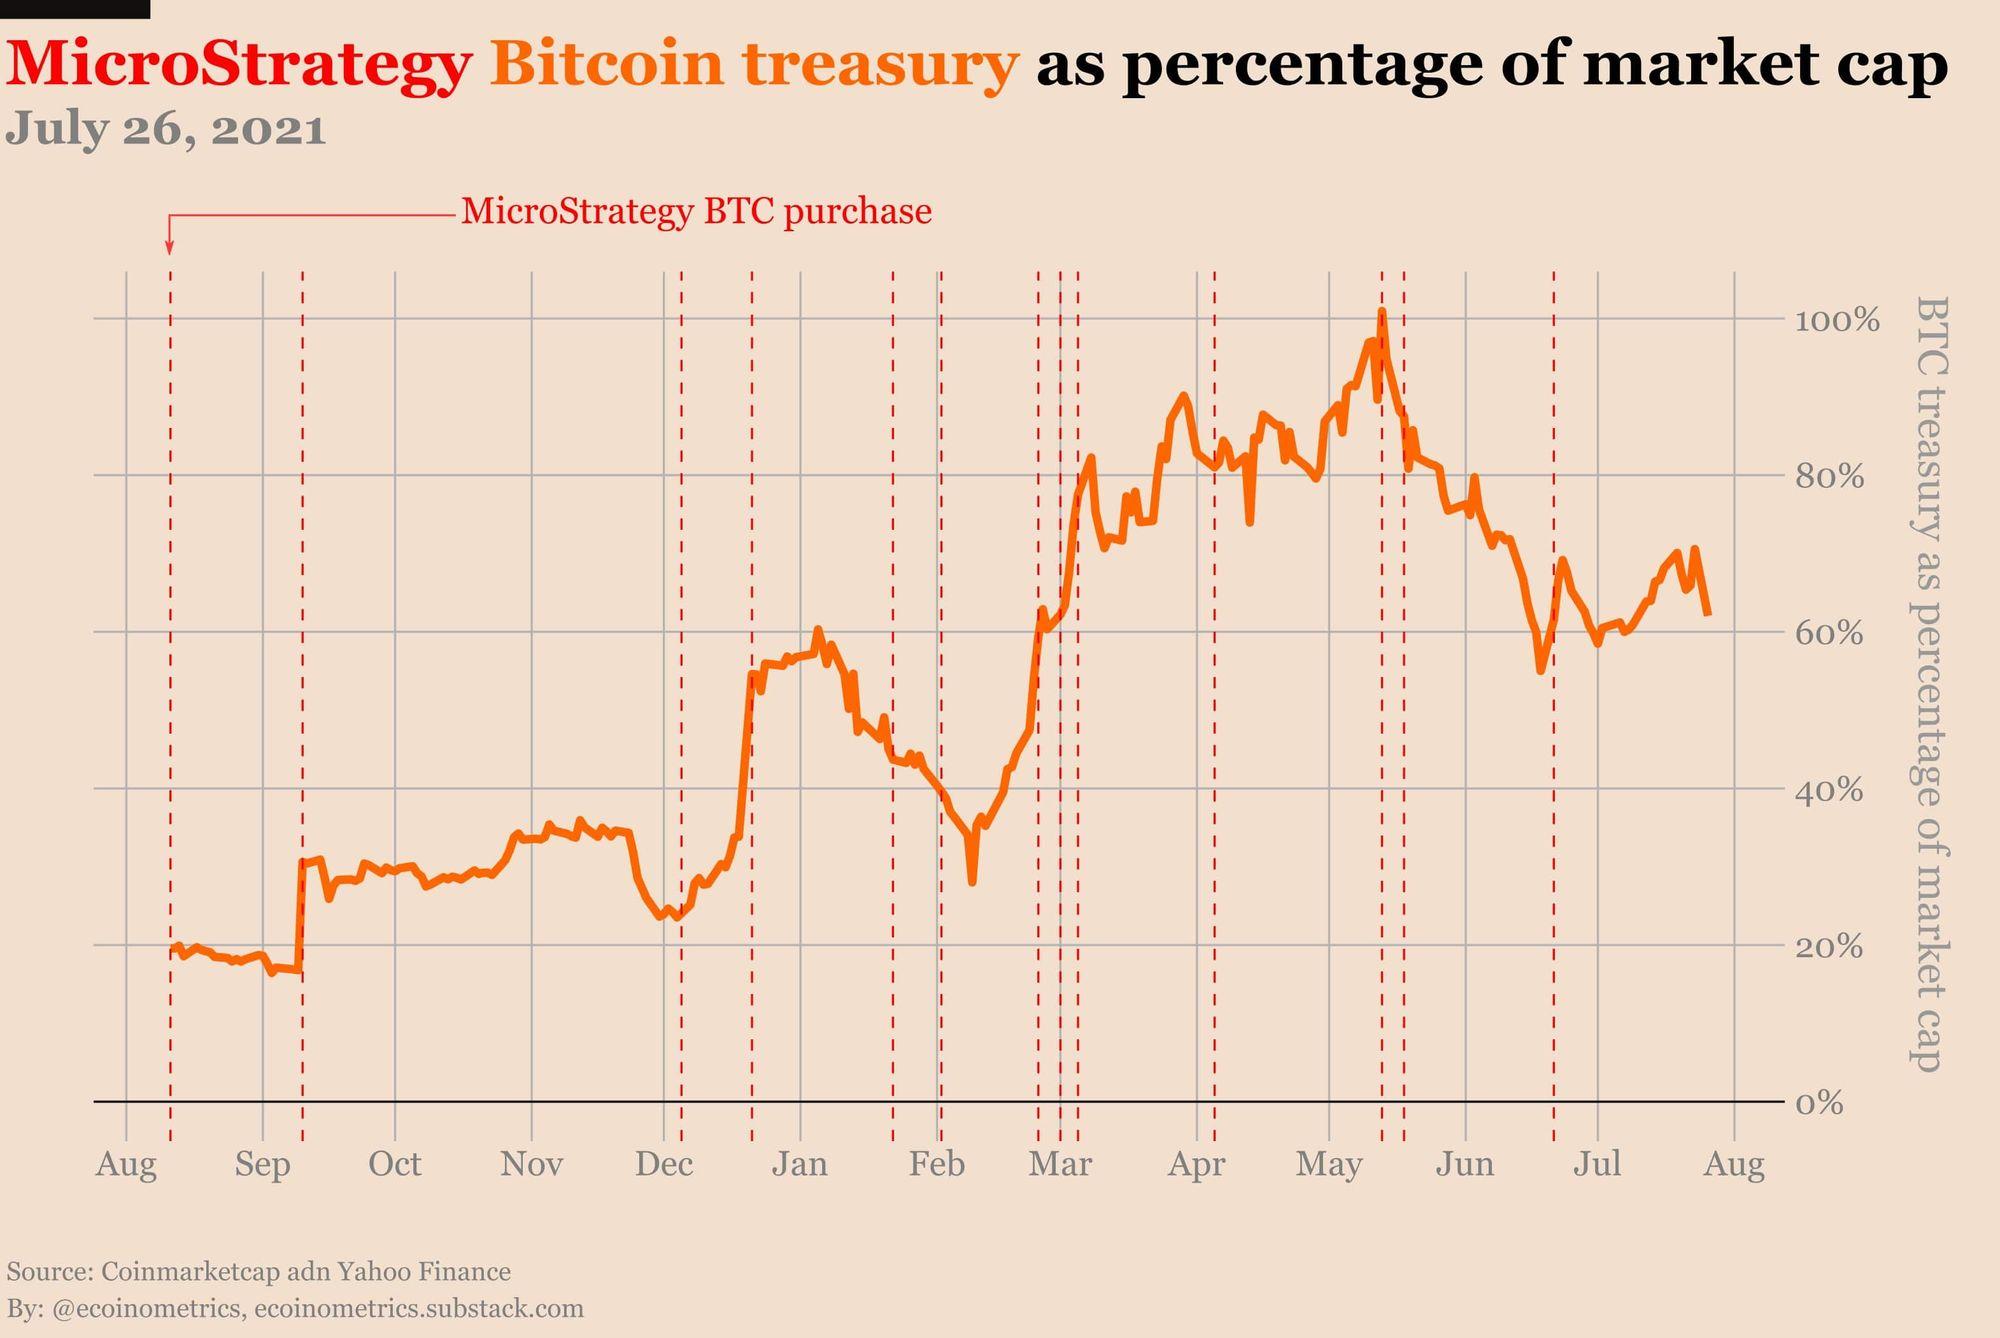 Anteil der BTC Holdings von MicroStrategy an der Marktkapitaliusierung des Unternehmens